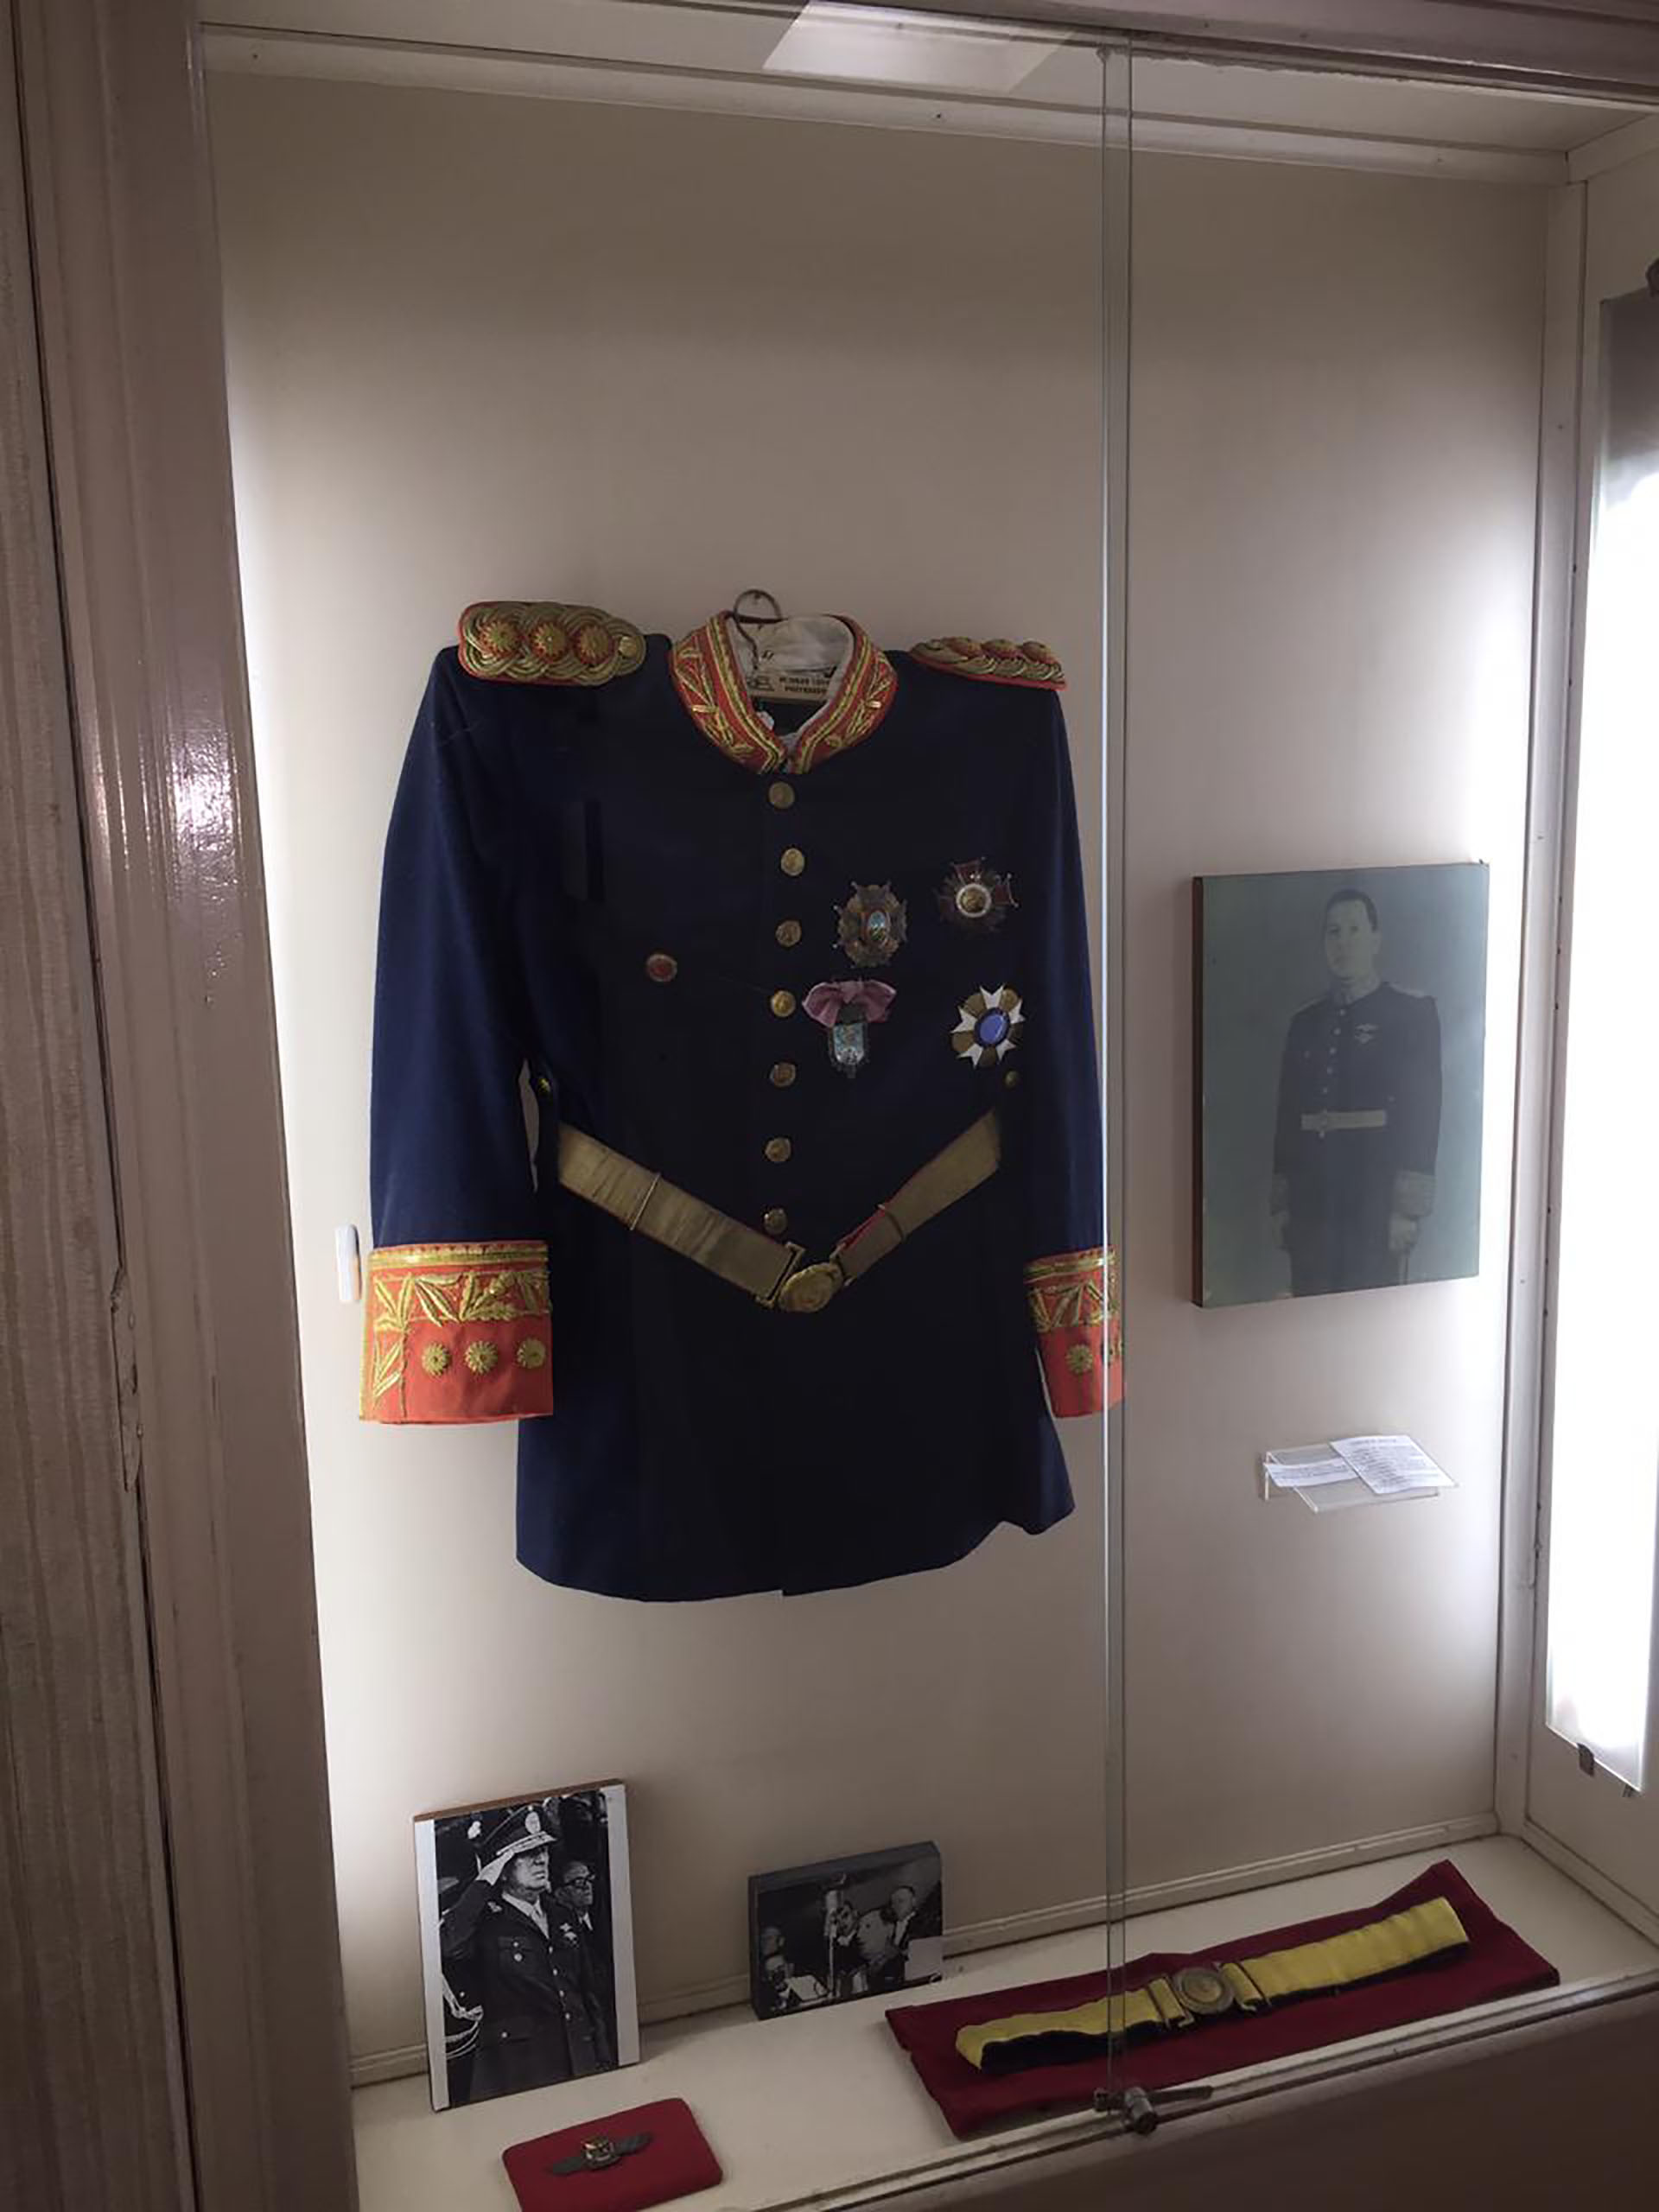 Fotos: Museo Histórico 17 de Octubre Quinta San Vicente